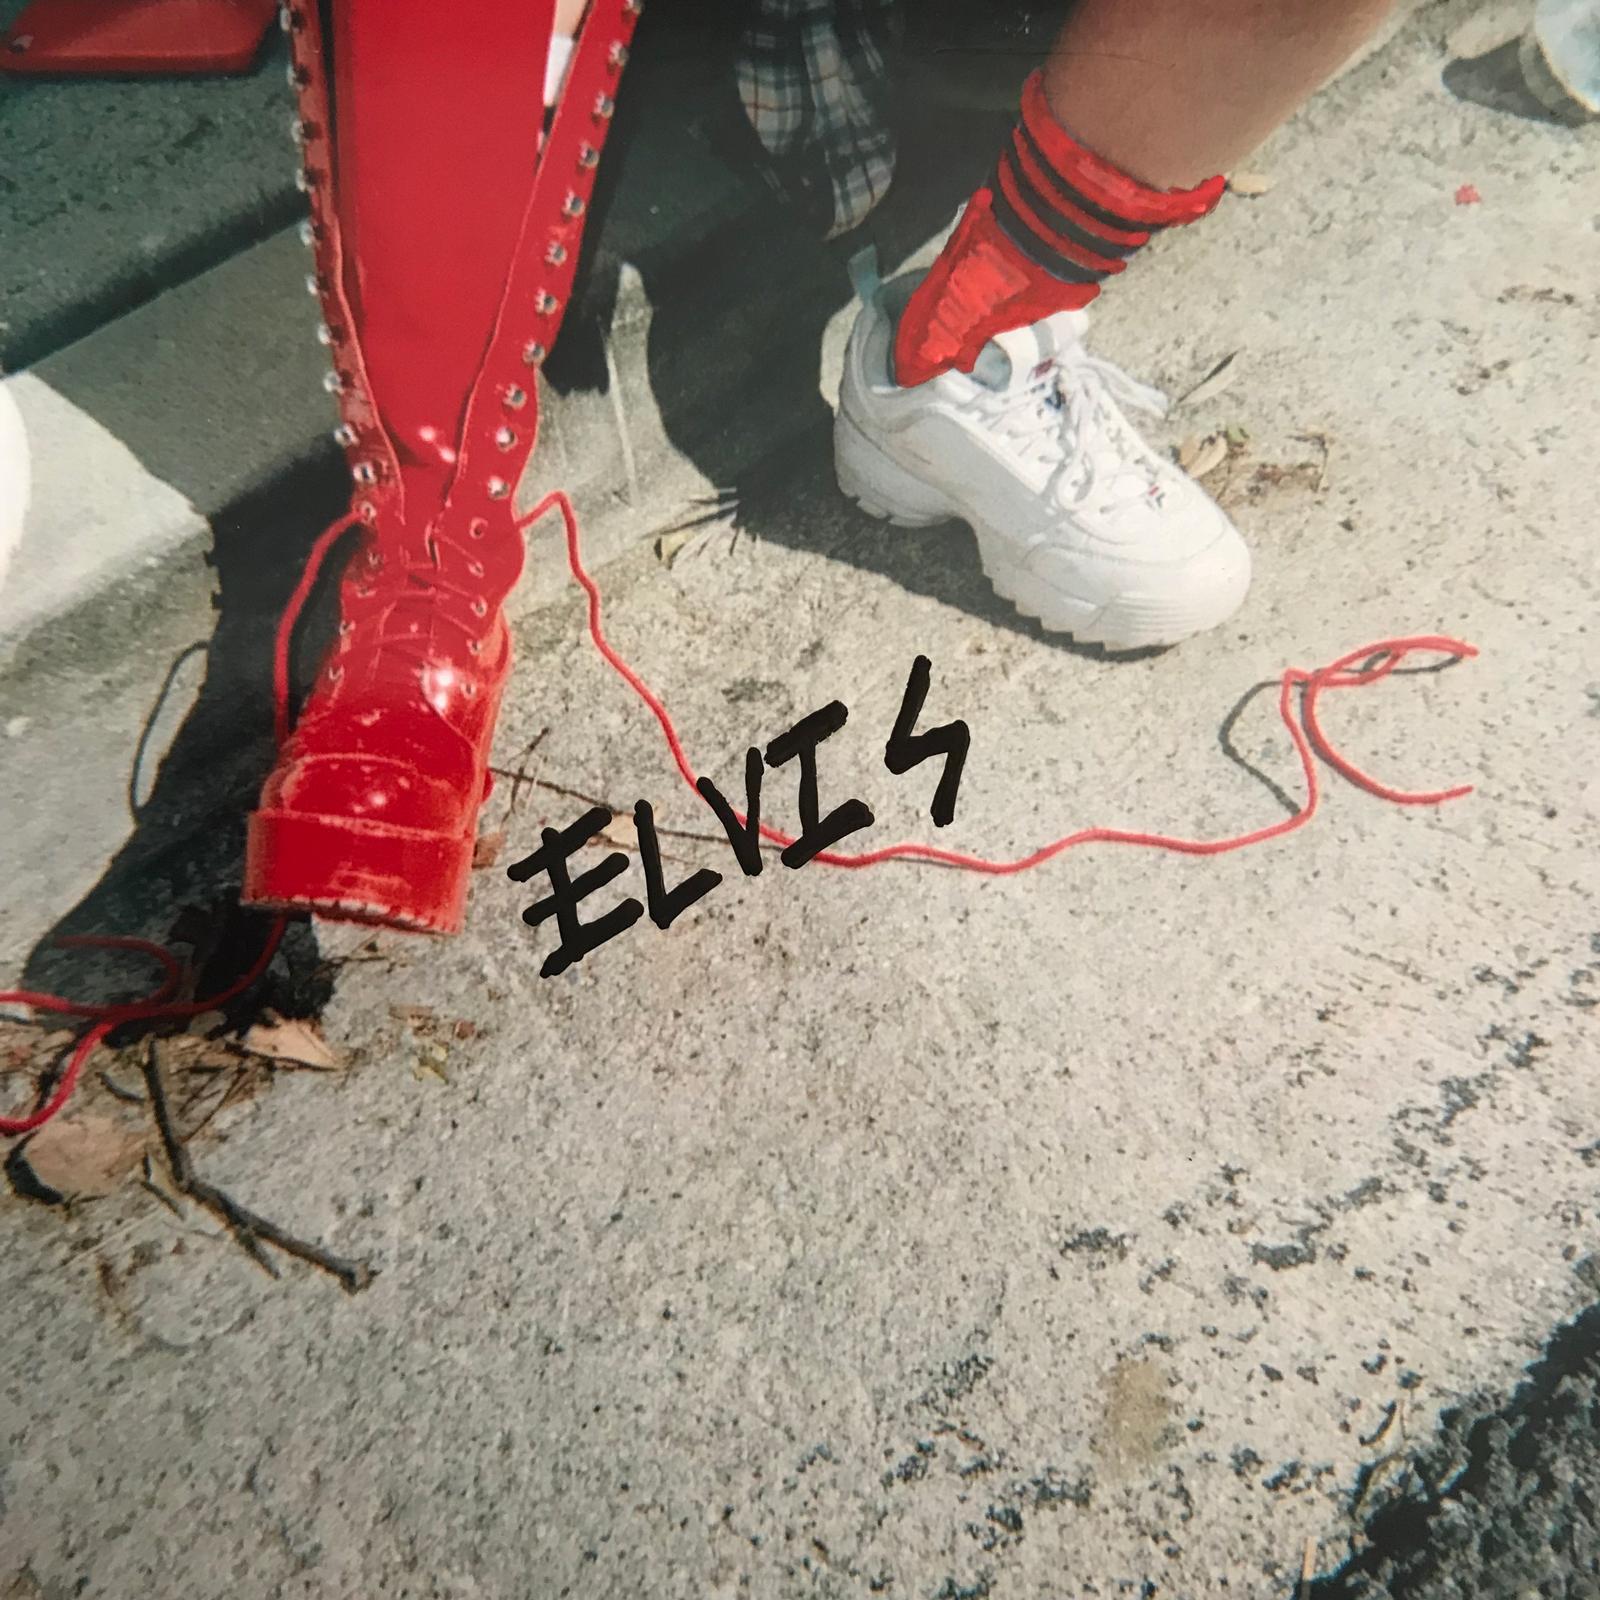 _Elvis_-Artwork.jpg